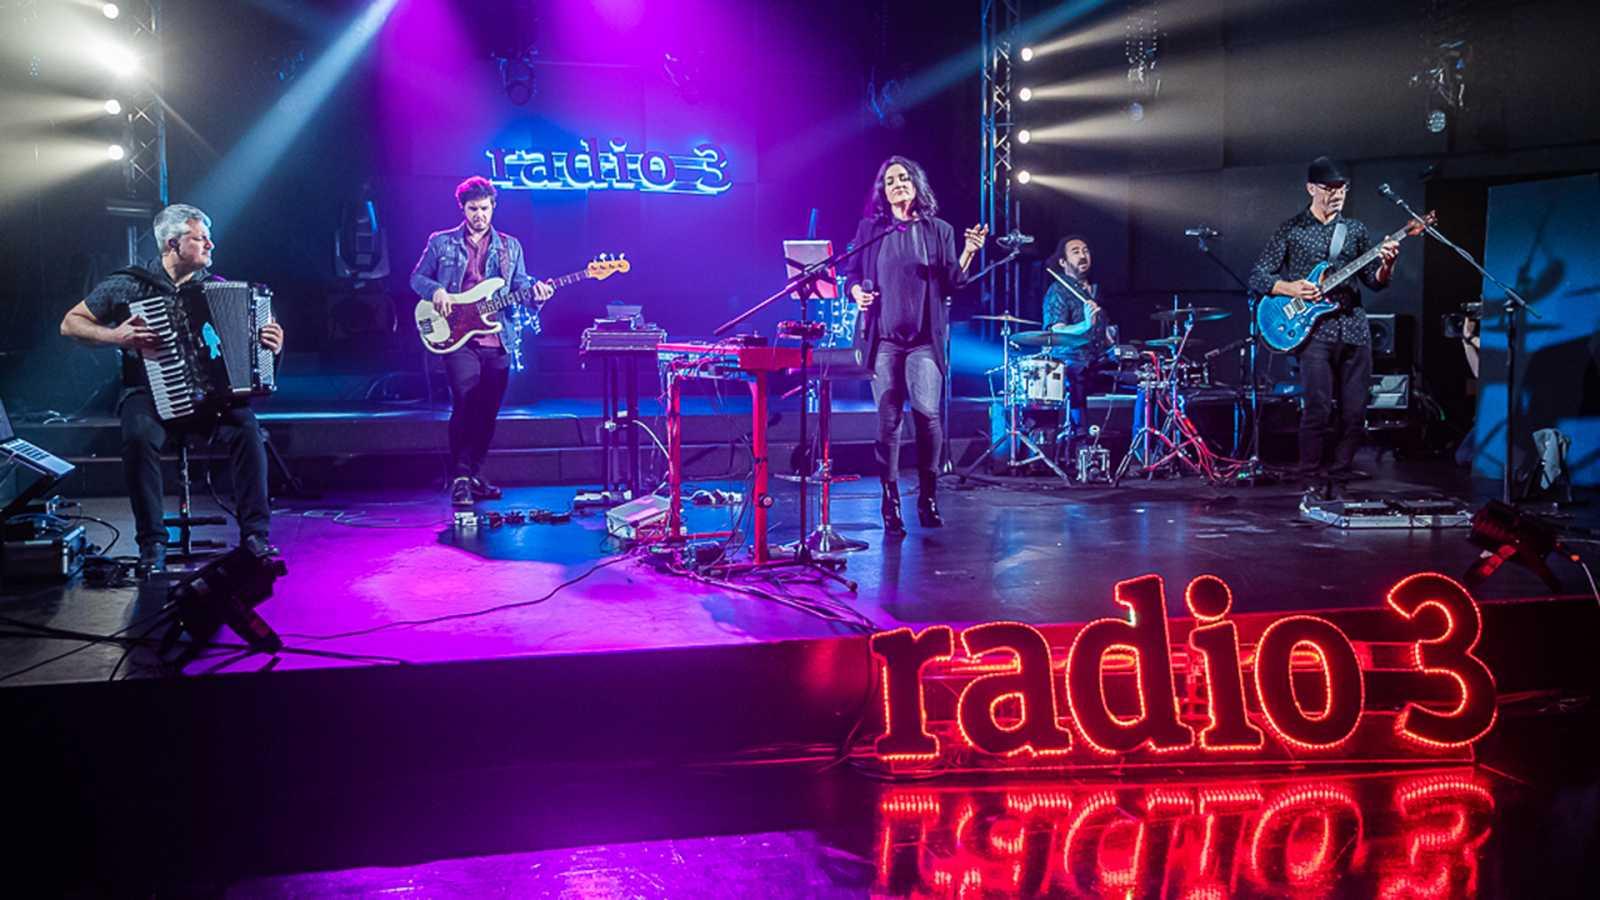 Los conciertos de Radio 3 - Guadi Galego - escuchar ahora